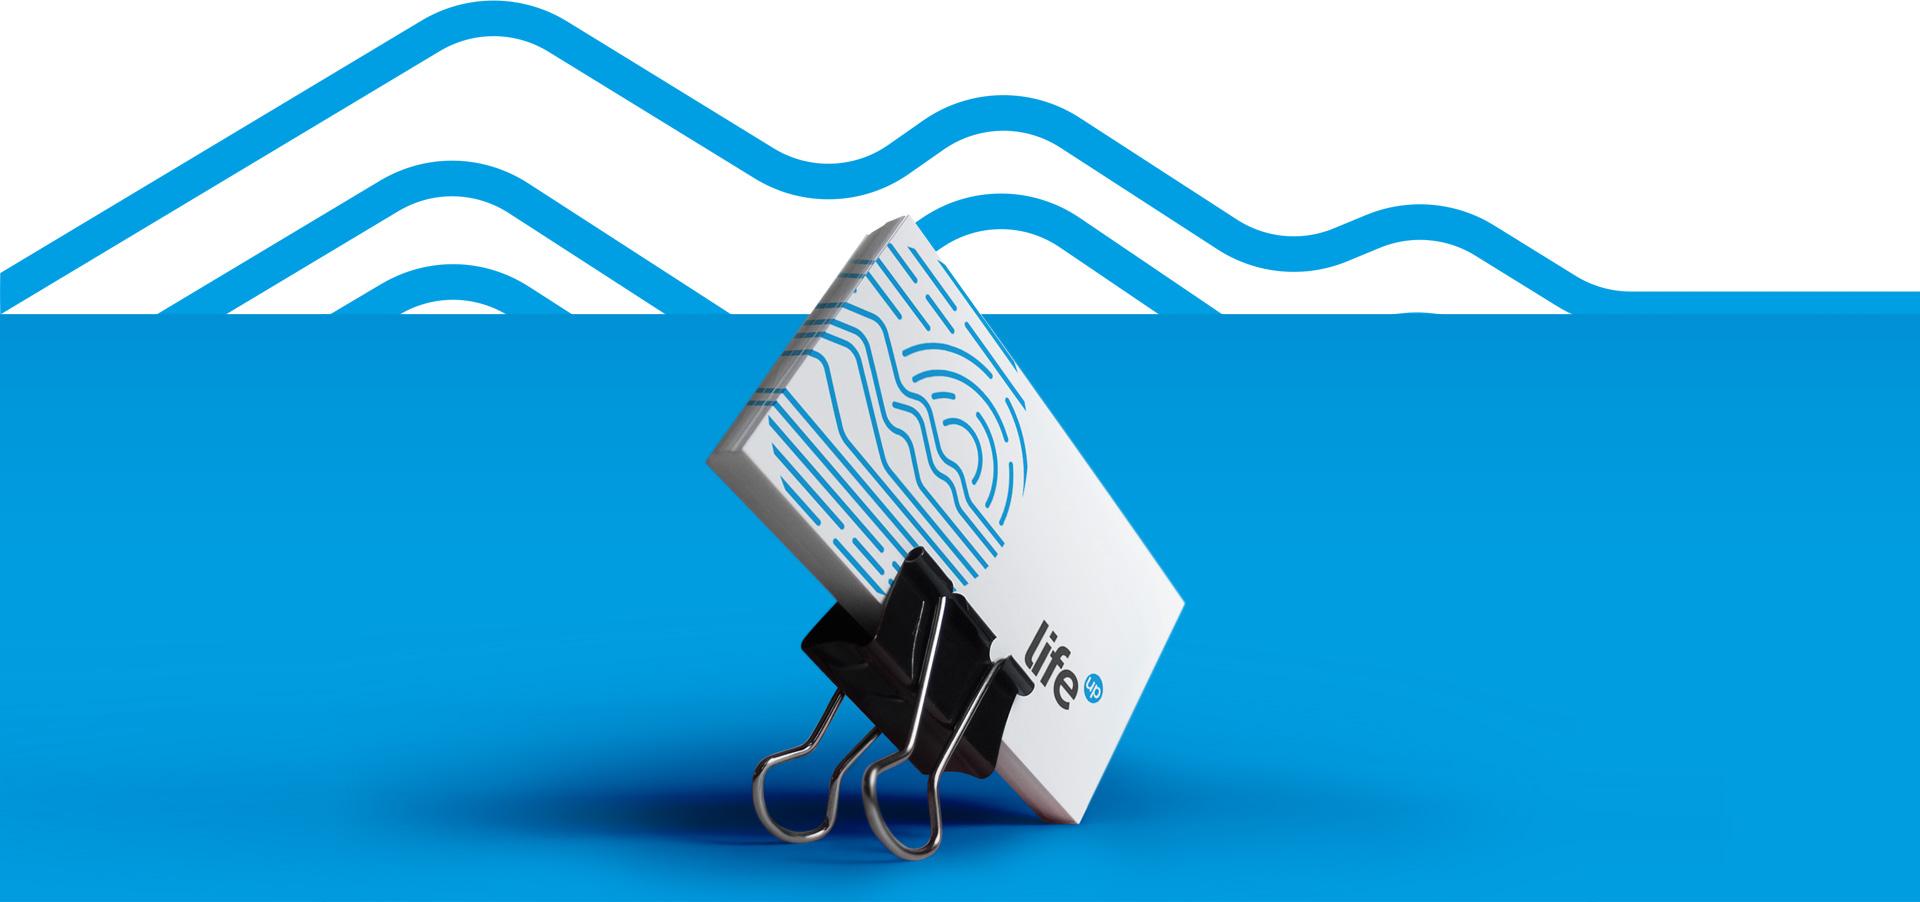 LifeUp-дизайн-визитной-карточки